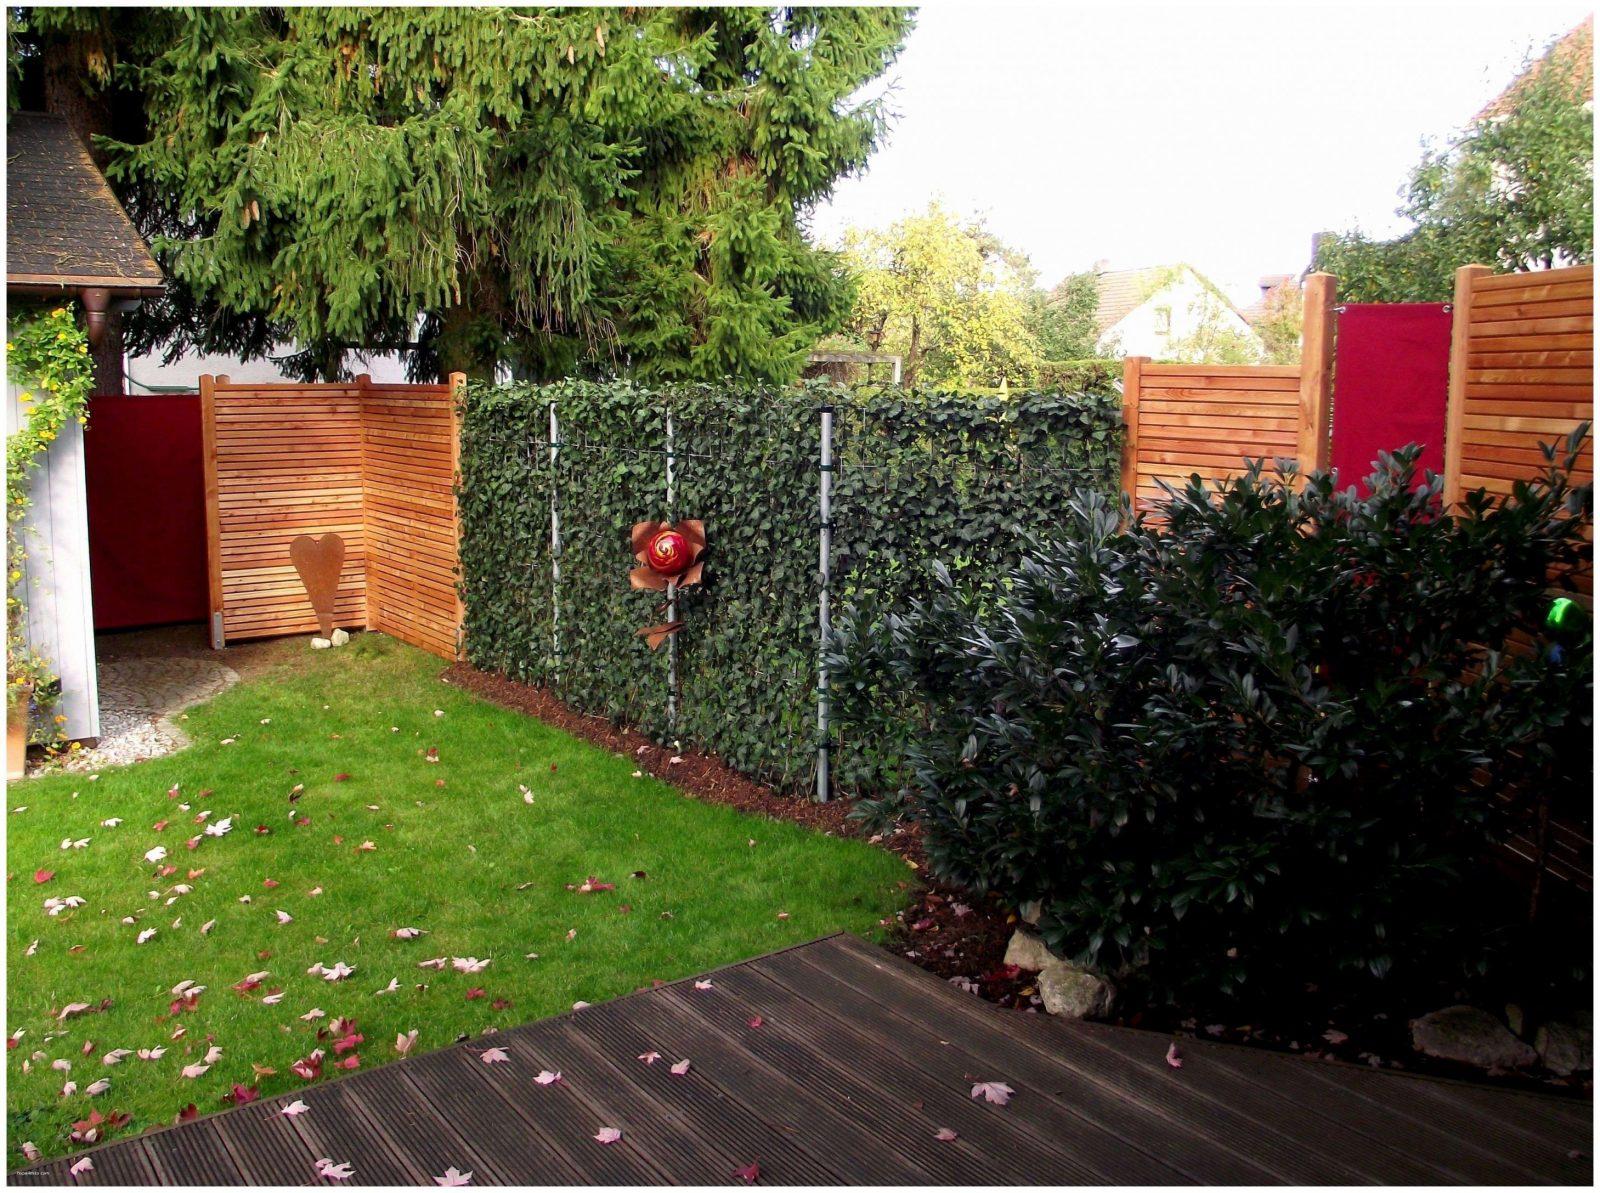 Sichtschutz Garten Ideen Günstig Luxus 30 Schön Terrasse Mit Mauer von Sichtschutz Garten Ideen Günstig Bild